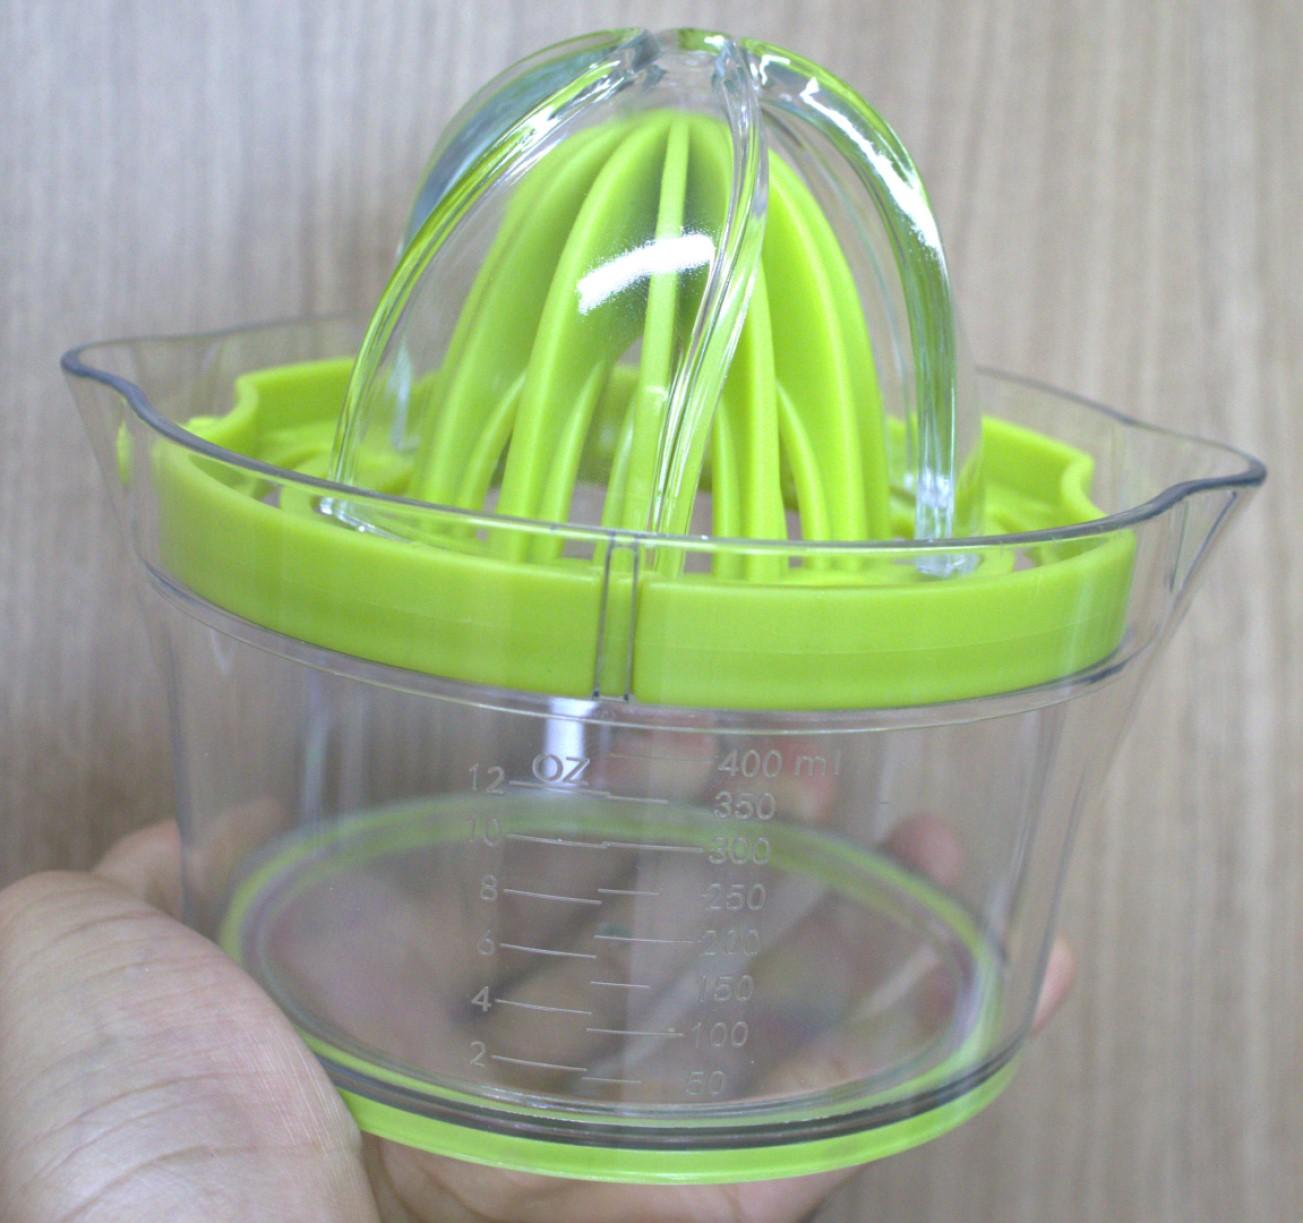 Espremedor de laranja limão ralador separador de claras manual frutas com base para suco qualidade verde